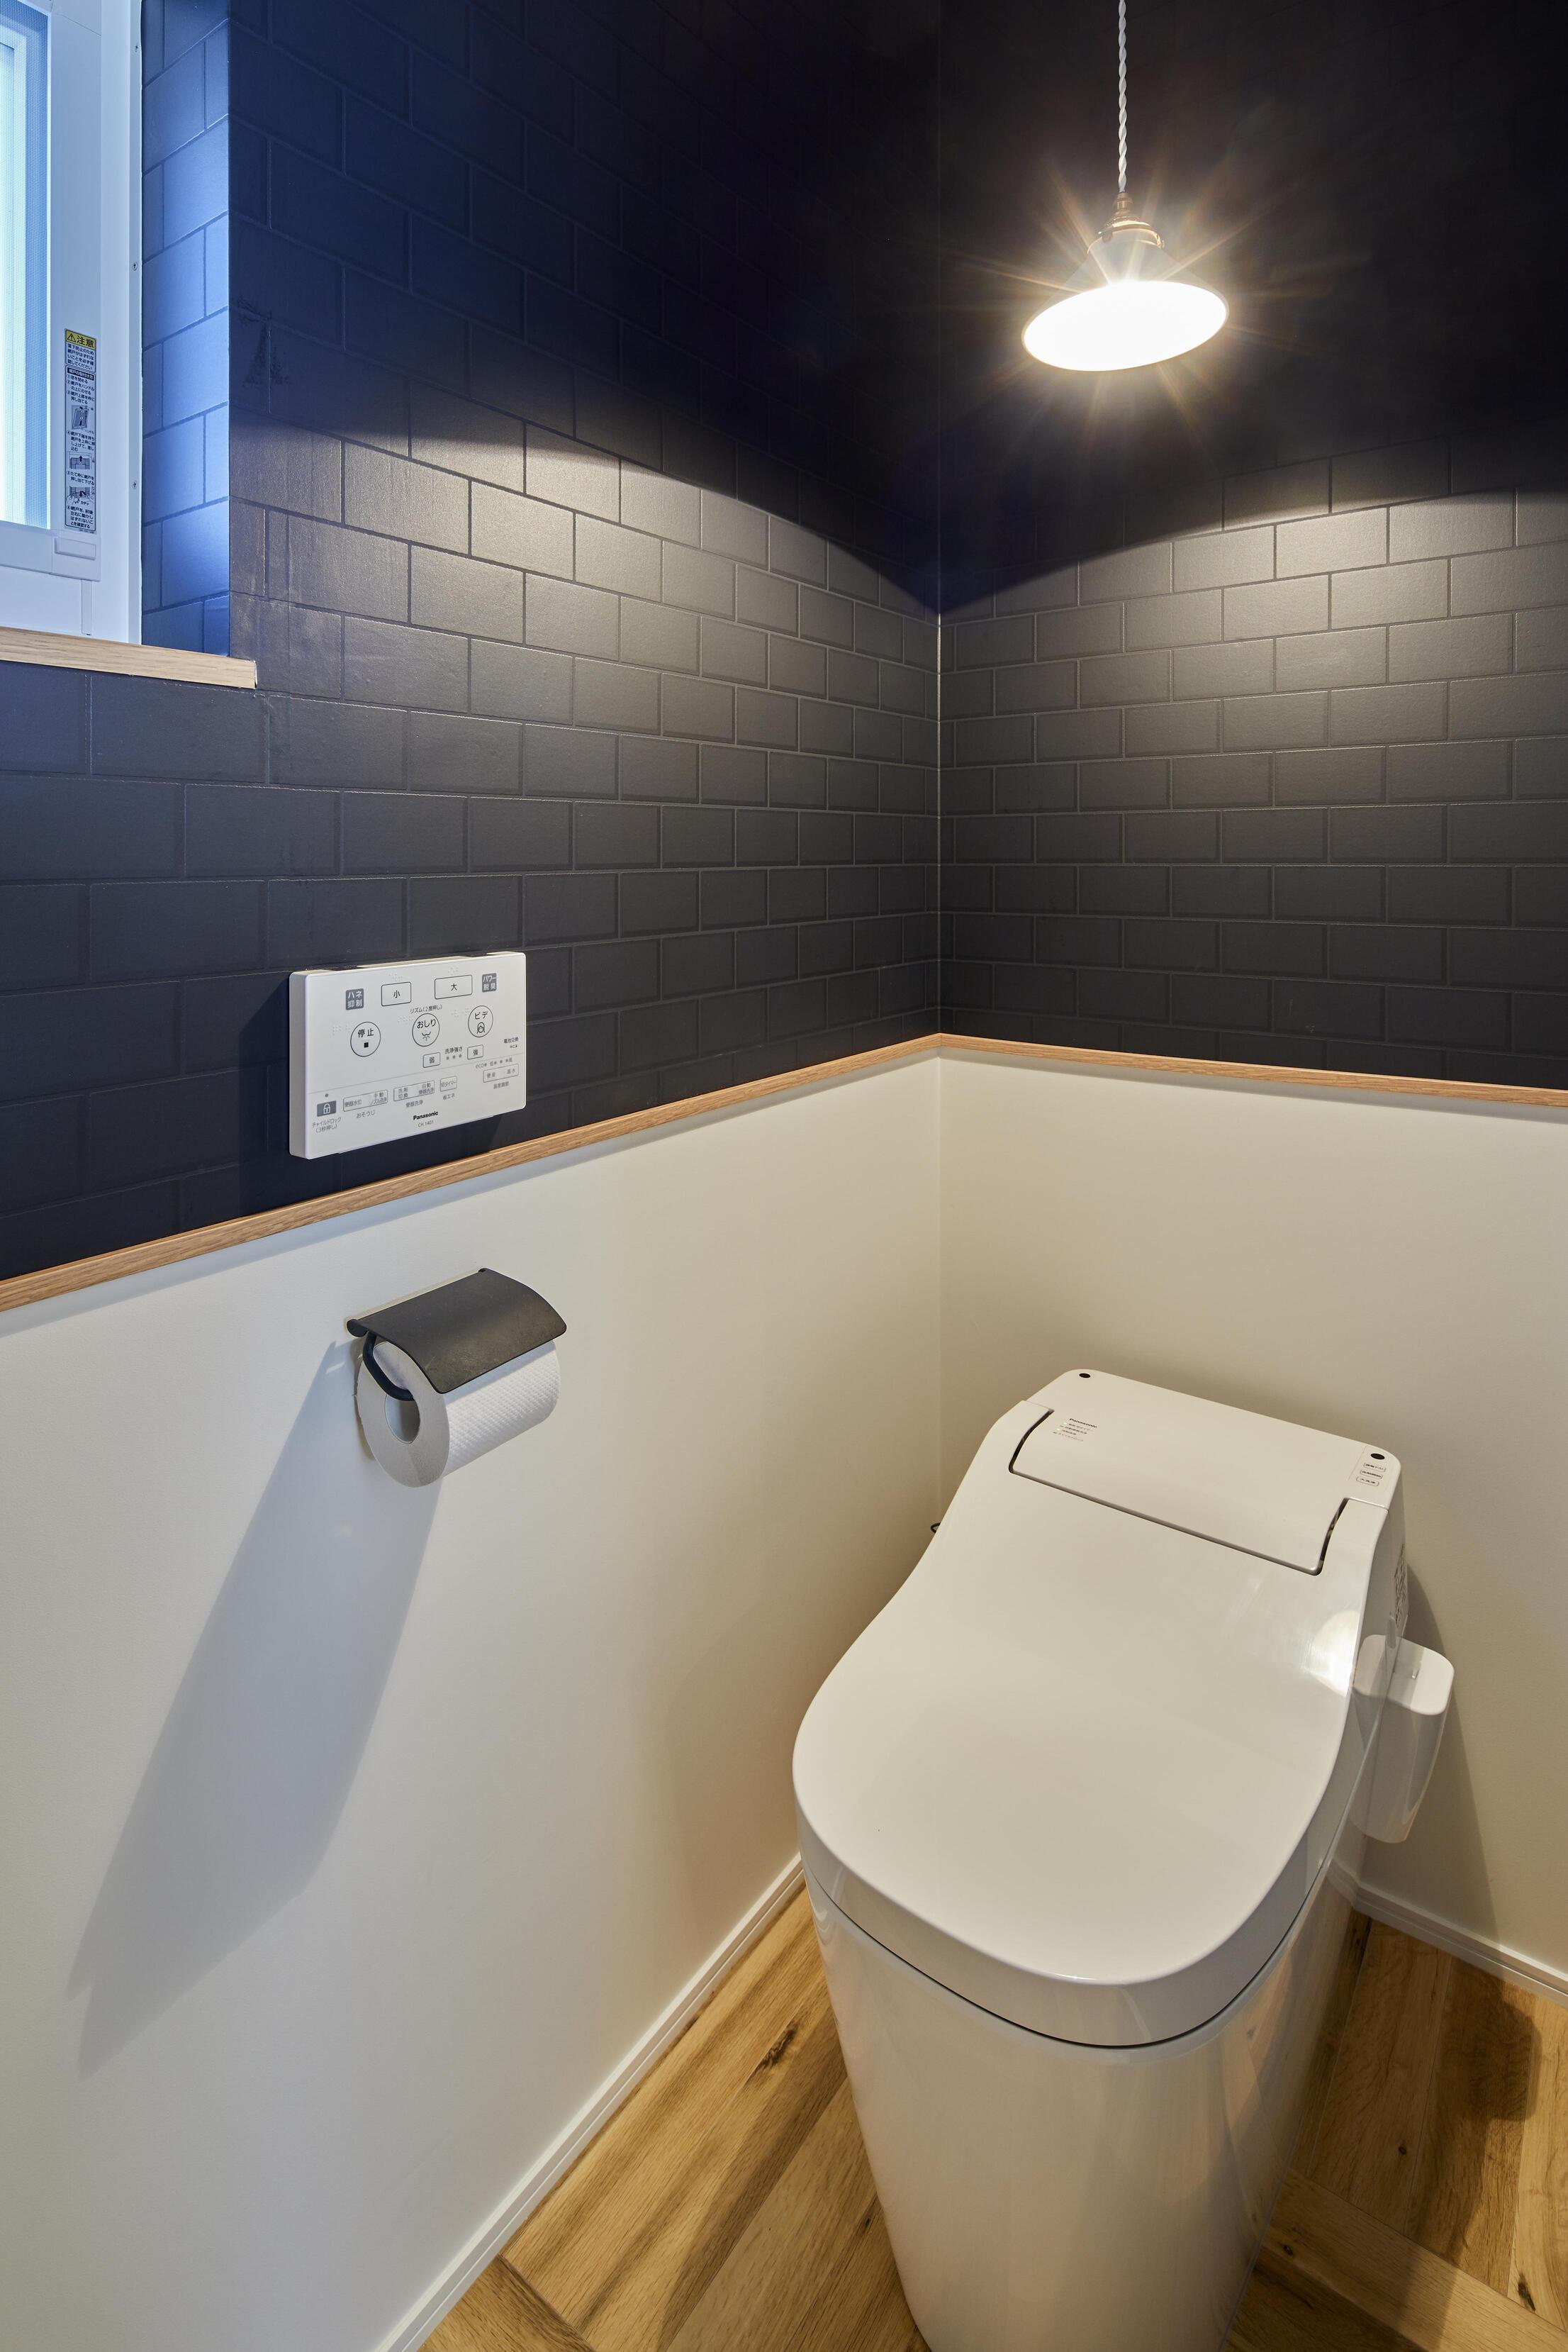 アクセントクロスを貼り分けたデザイン性の高いトイレ